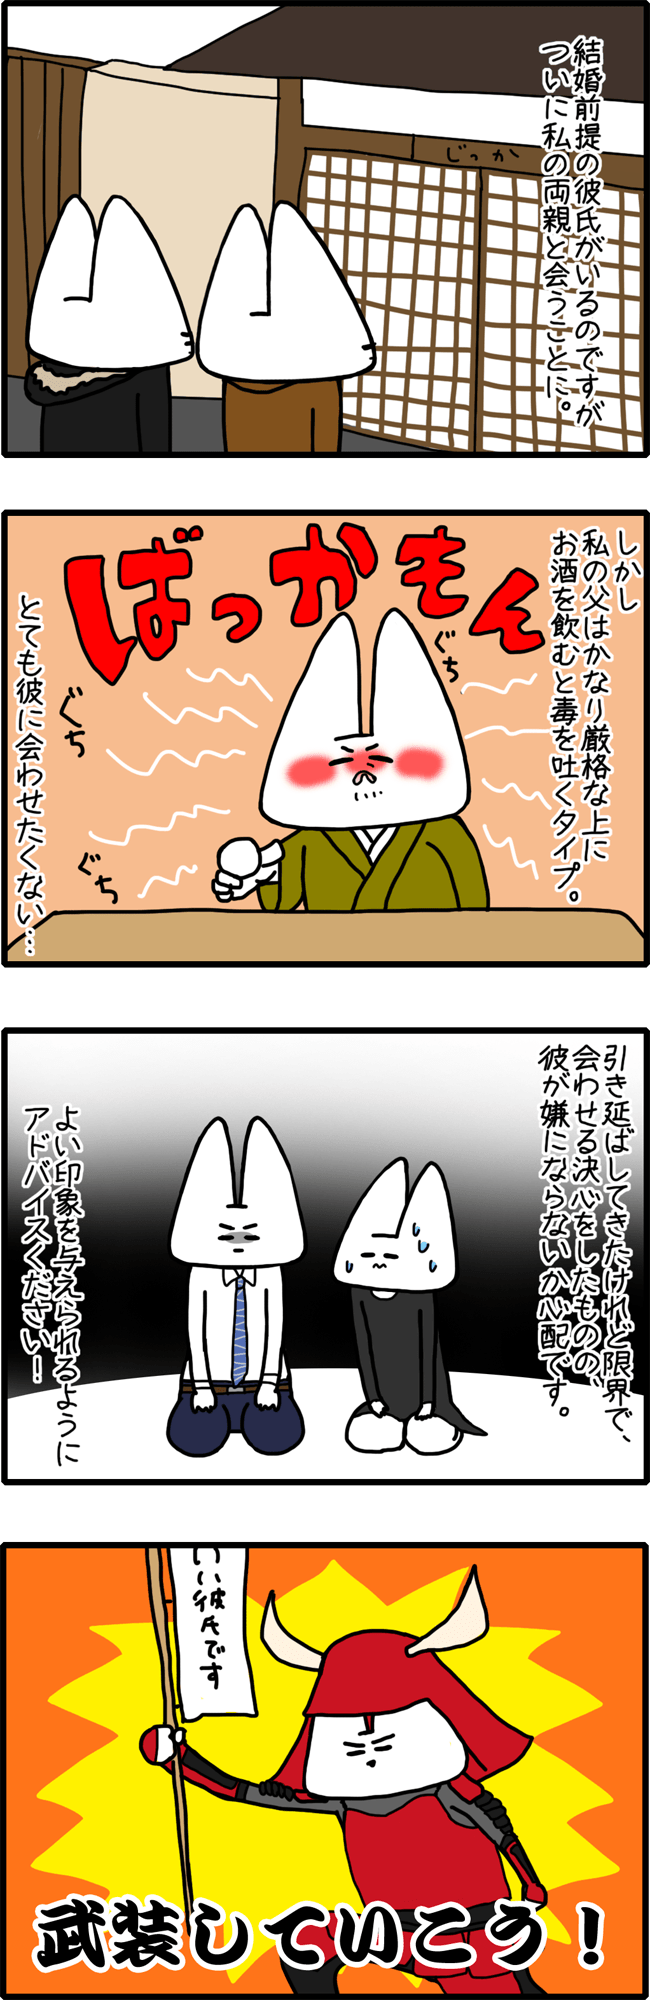 usa160